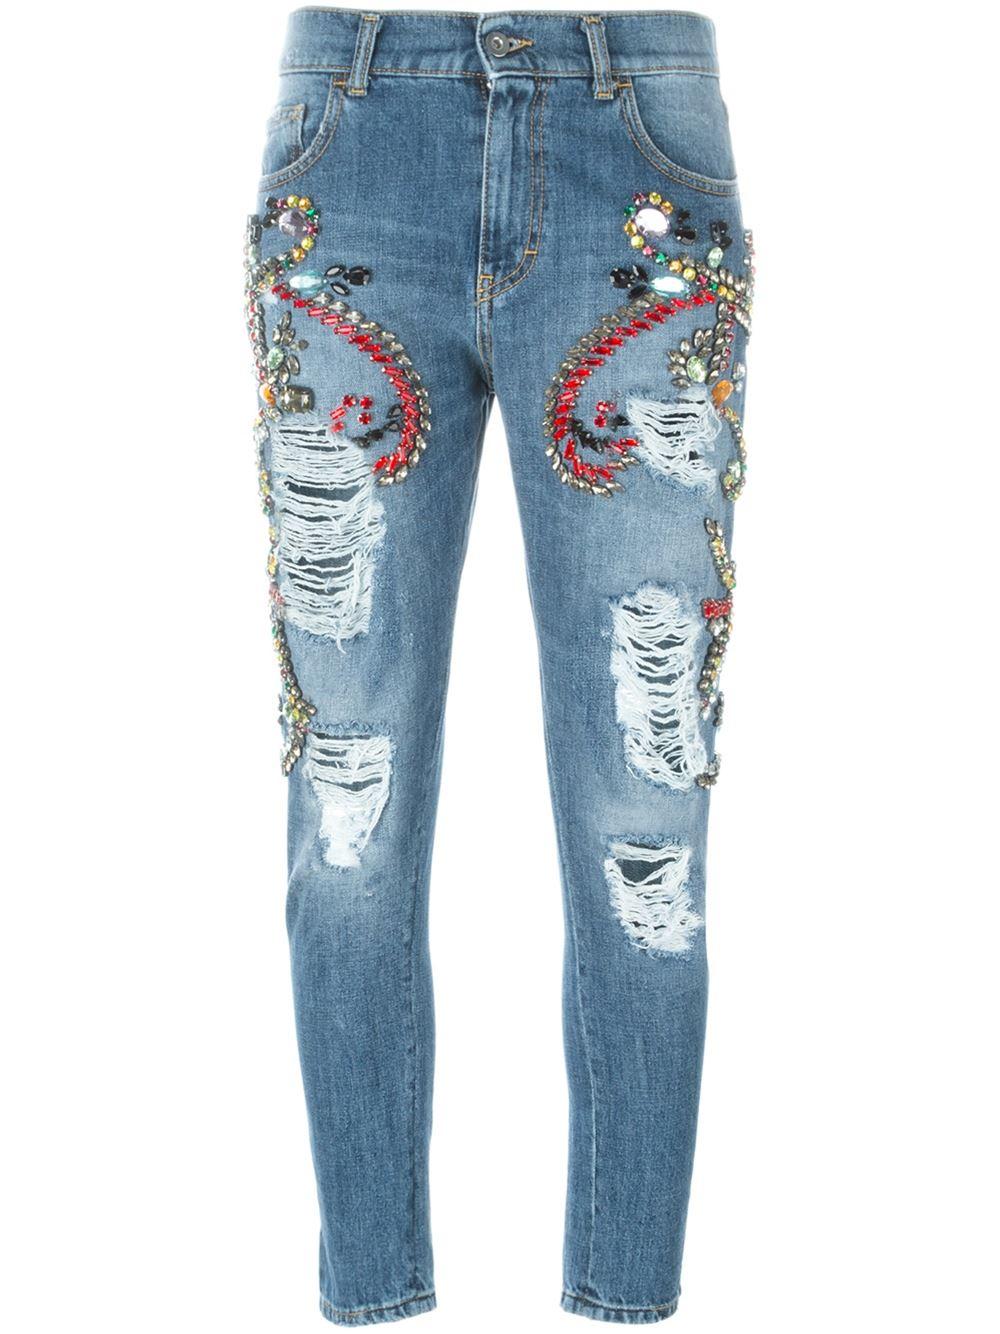 jean brod fa on bijoux marco bologna 25 jeans brod s qui nous font de l il elle. Black Bedroom Furniture Sets. Home Design Ideas